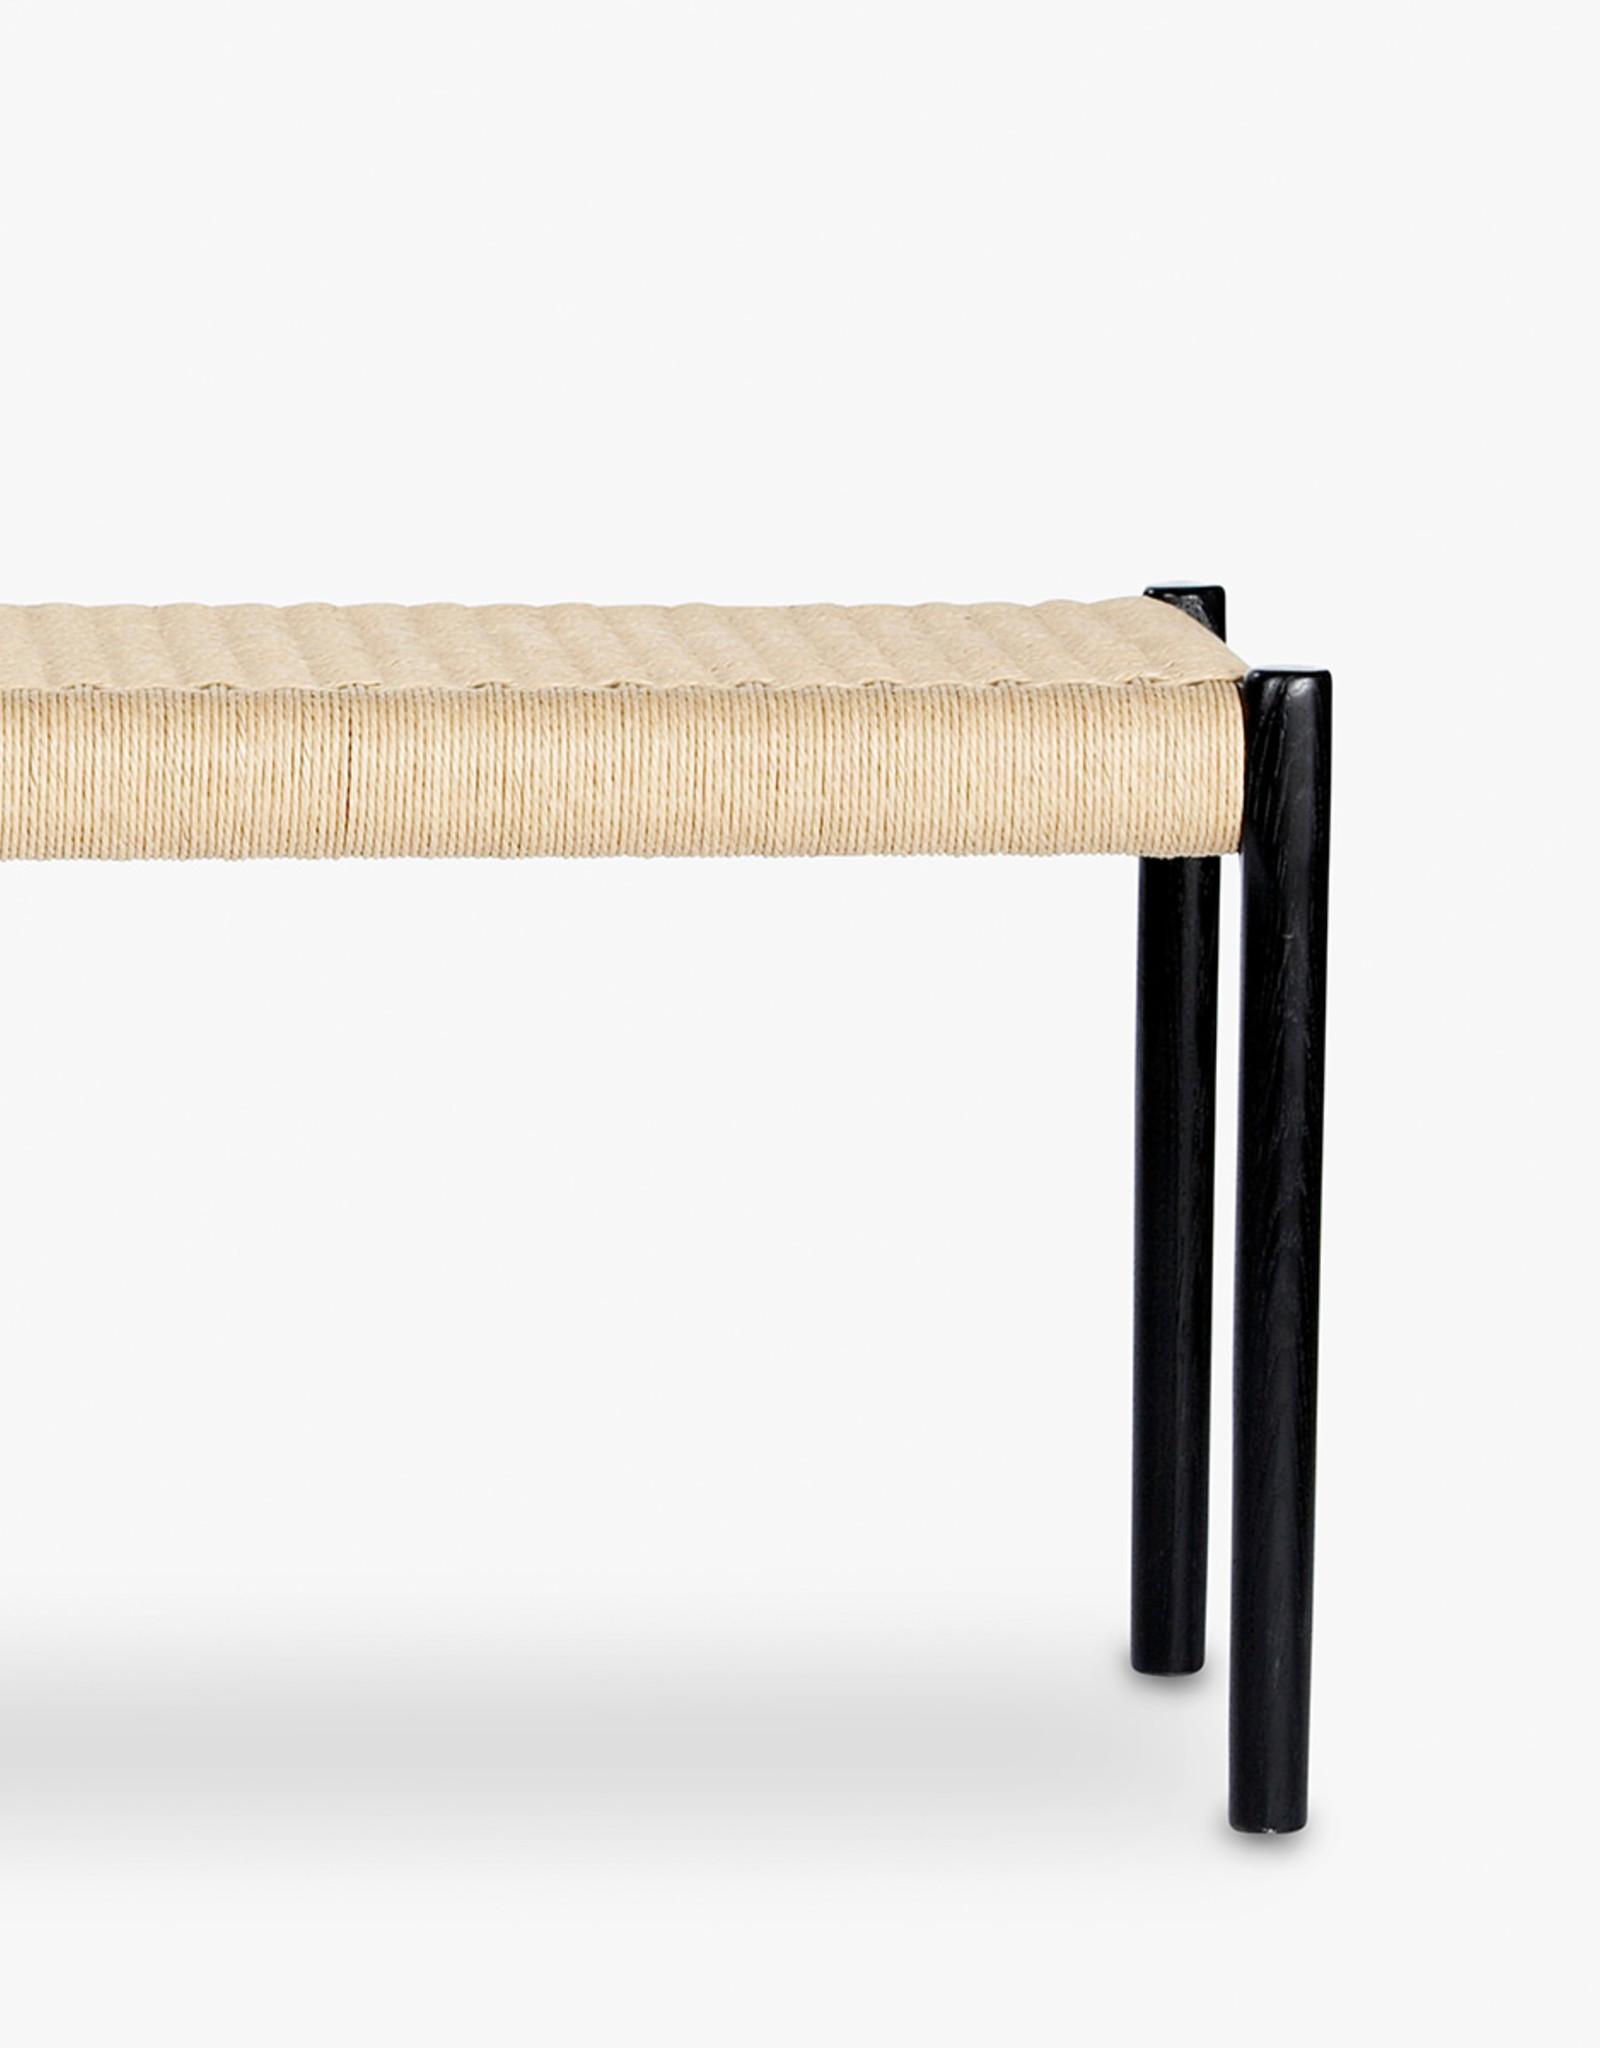 Møller 63 bench by N.O. Møller | Natural cord | Black stained oak frame | L1500mm x W400mm x H460mm